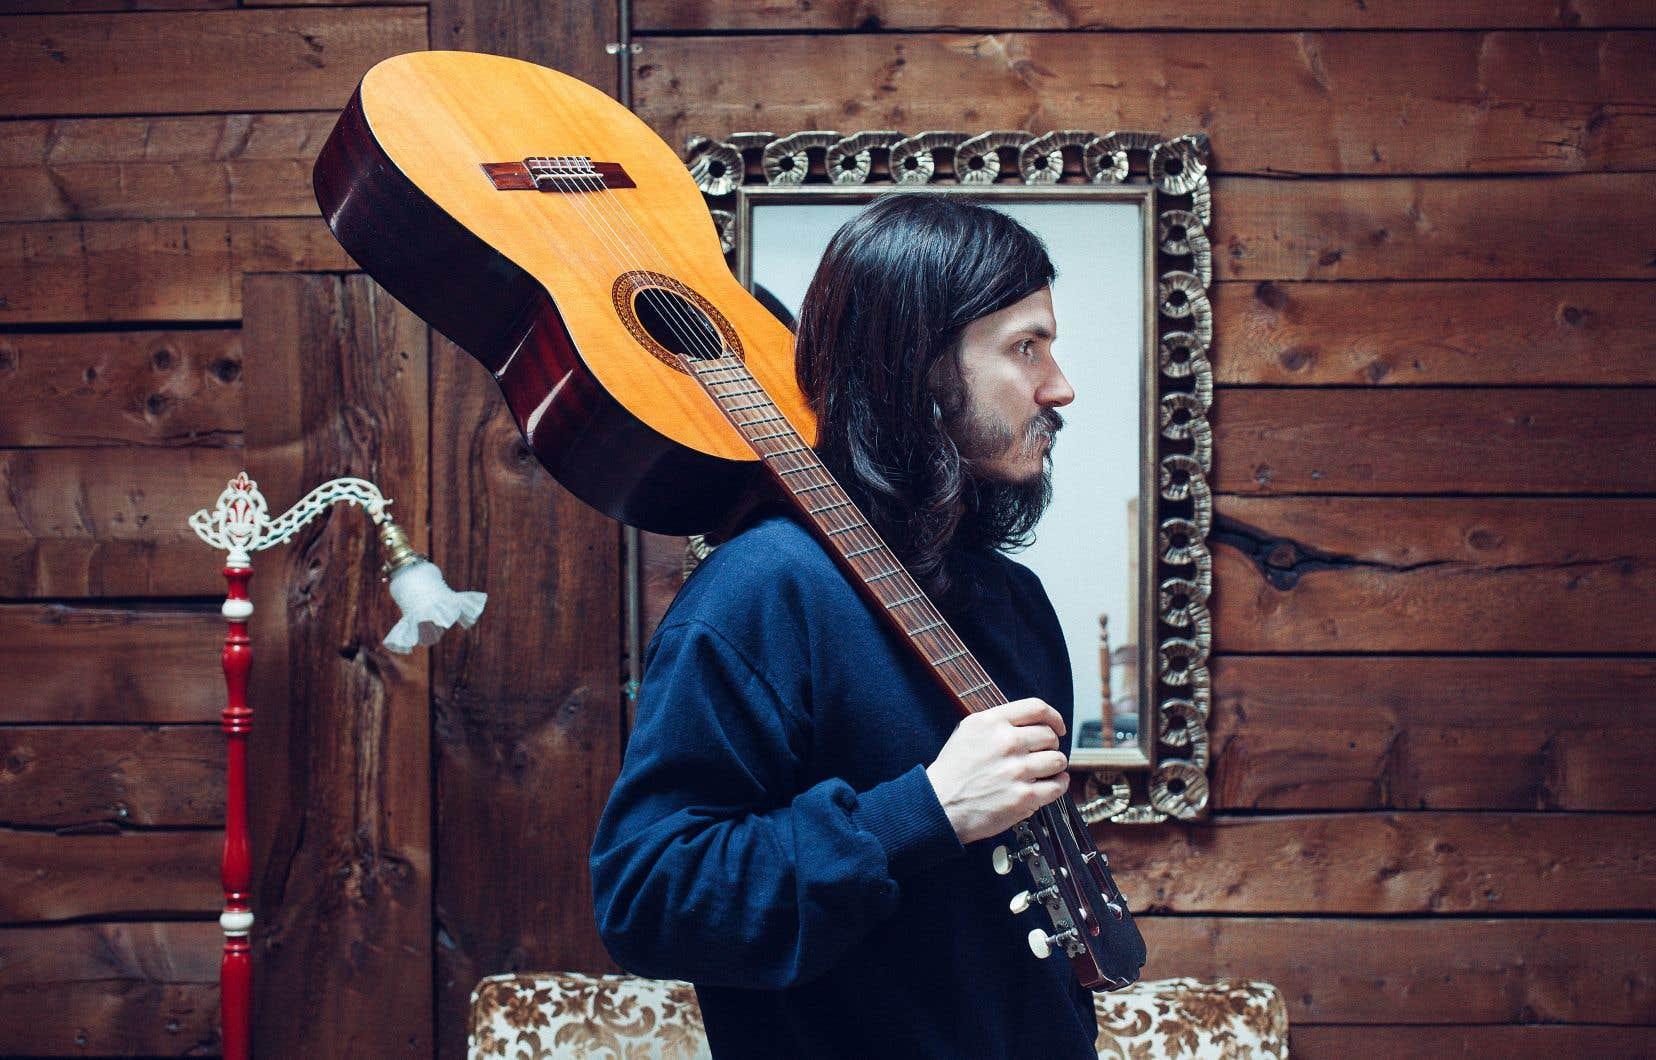 Philémon Cimon a puisé dans les récits de sa grand-mère pour écrire deux chansons, «Le chien le coq le cheval» ainsi que «Le château». Son nouvel album compte aussi une vieille chanson charlevoisienne qui s'appelle «Les Éboulements».